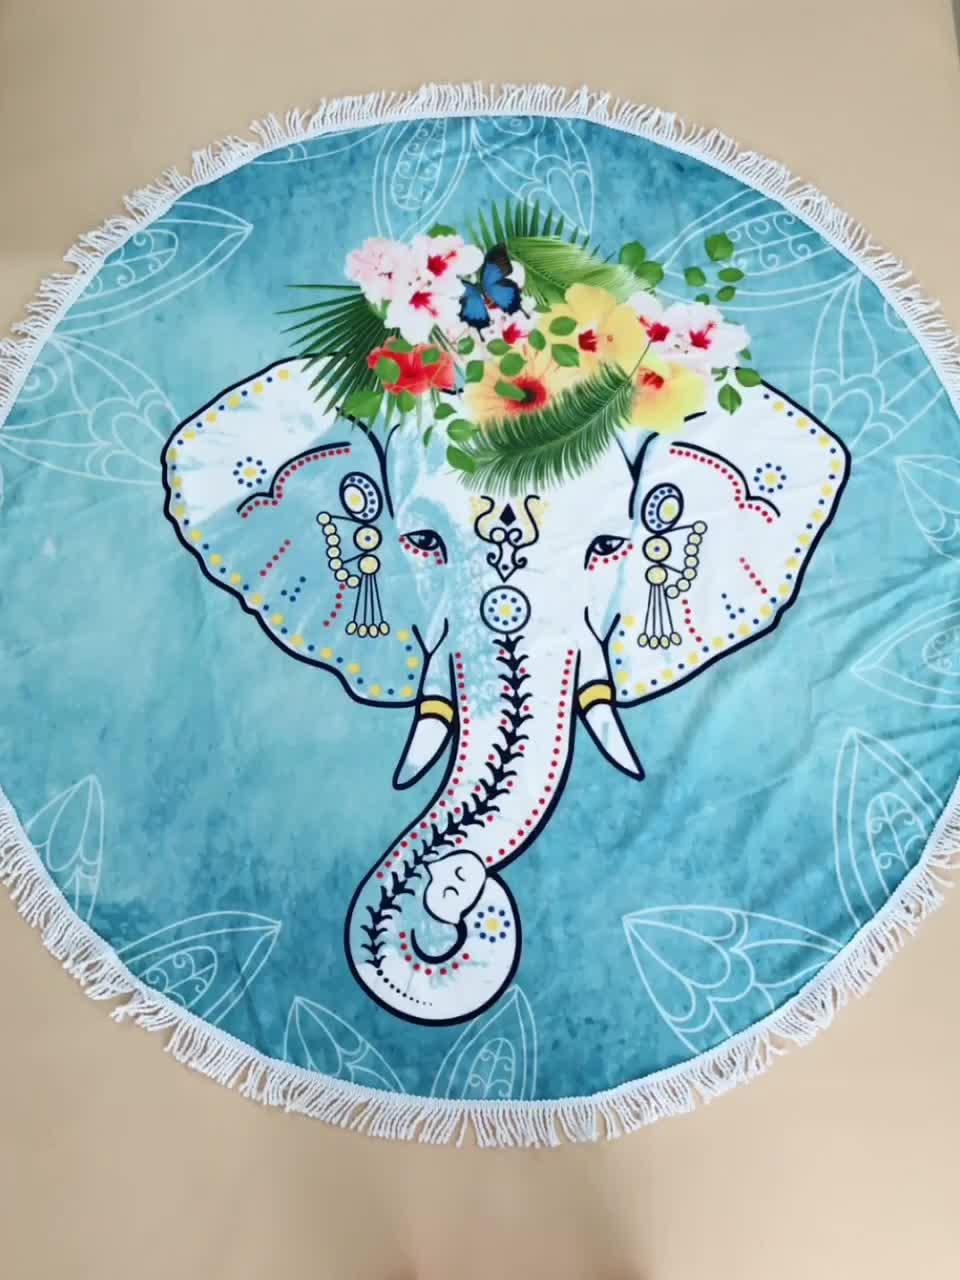 R4002 รูปแบบสัตว์รอบผ้าเช็ดตัวชายหาดและช้าง